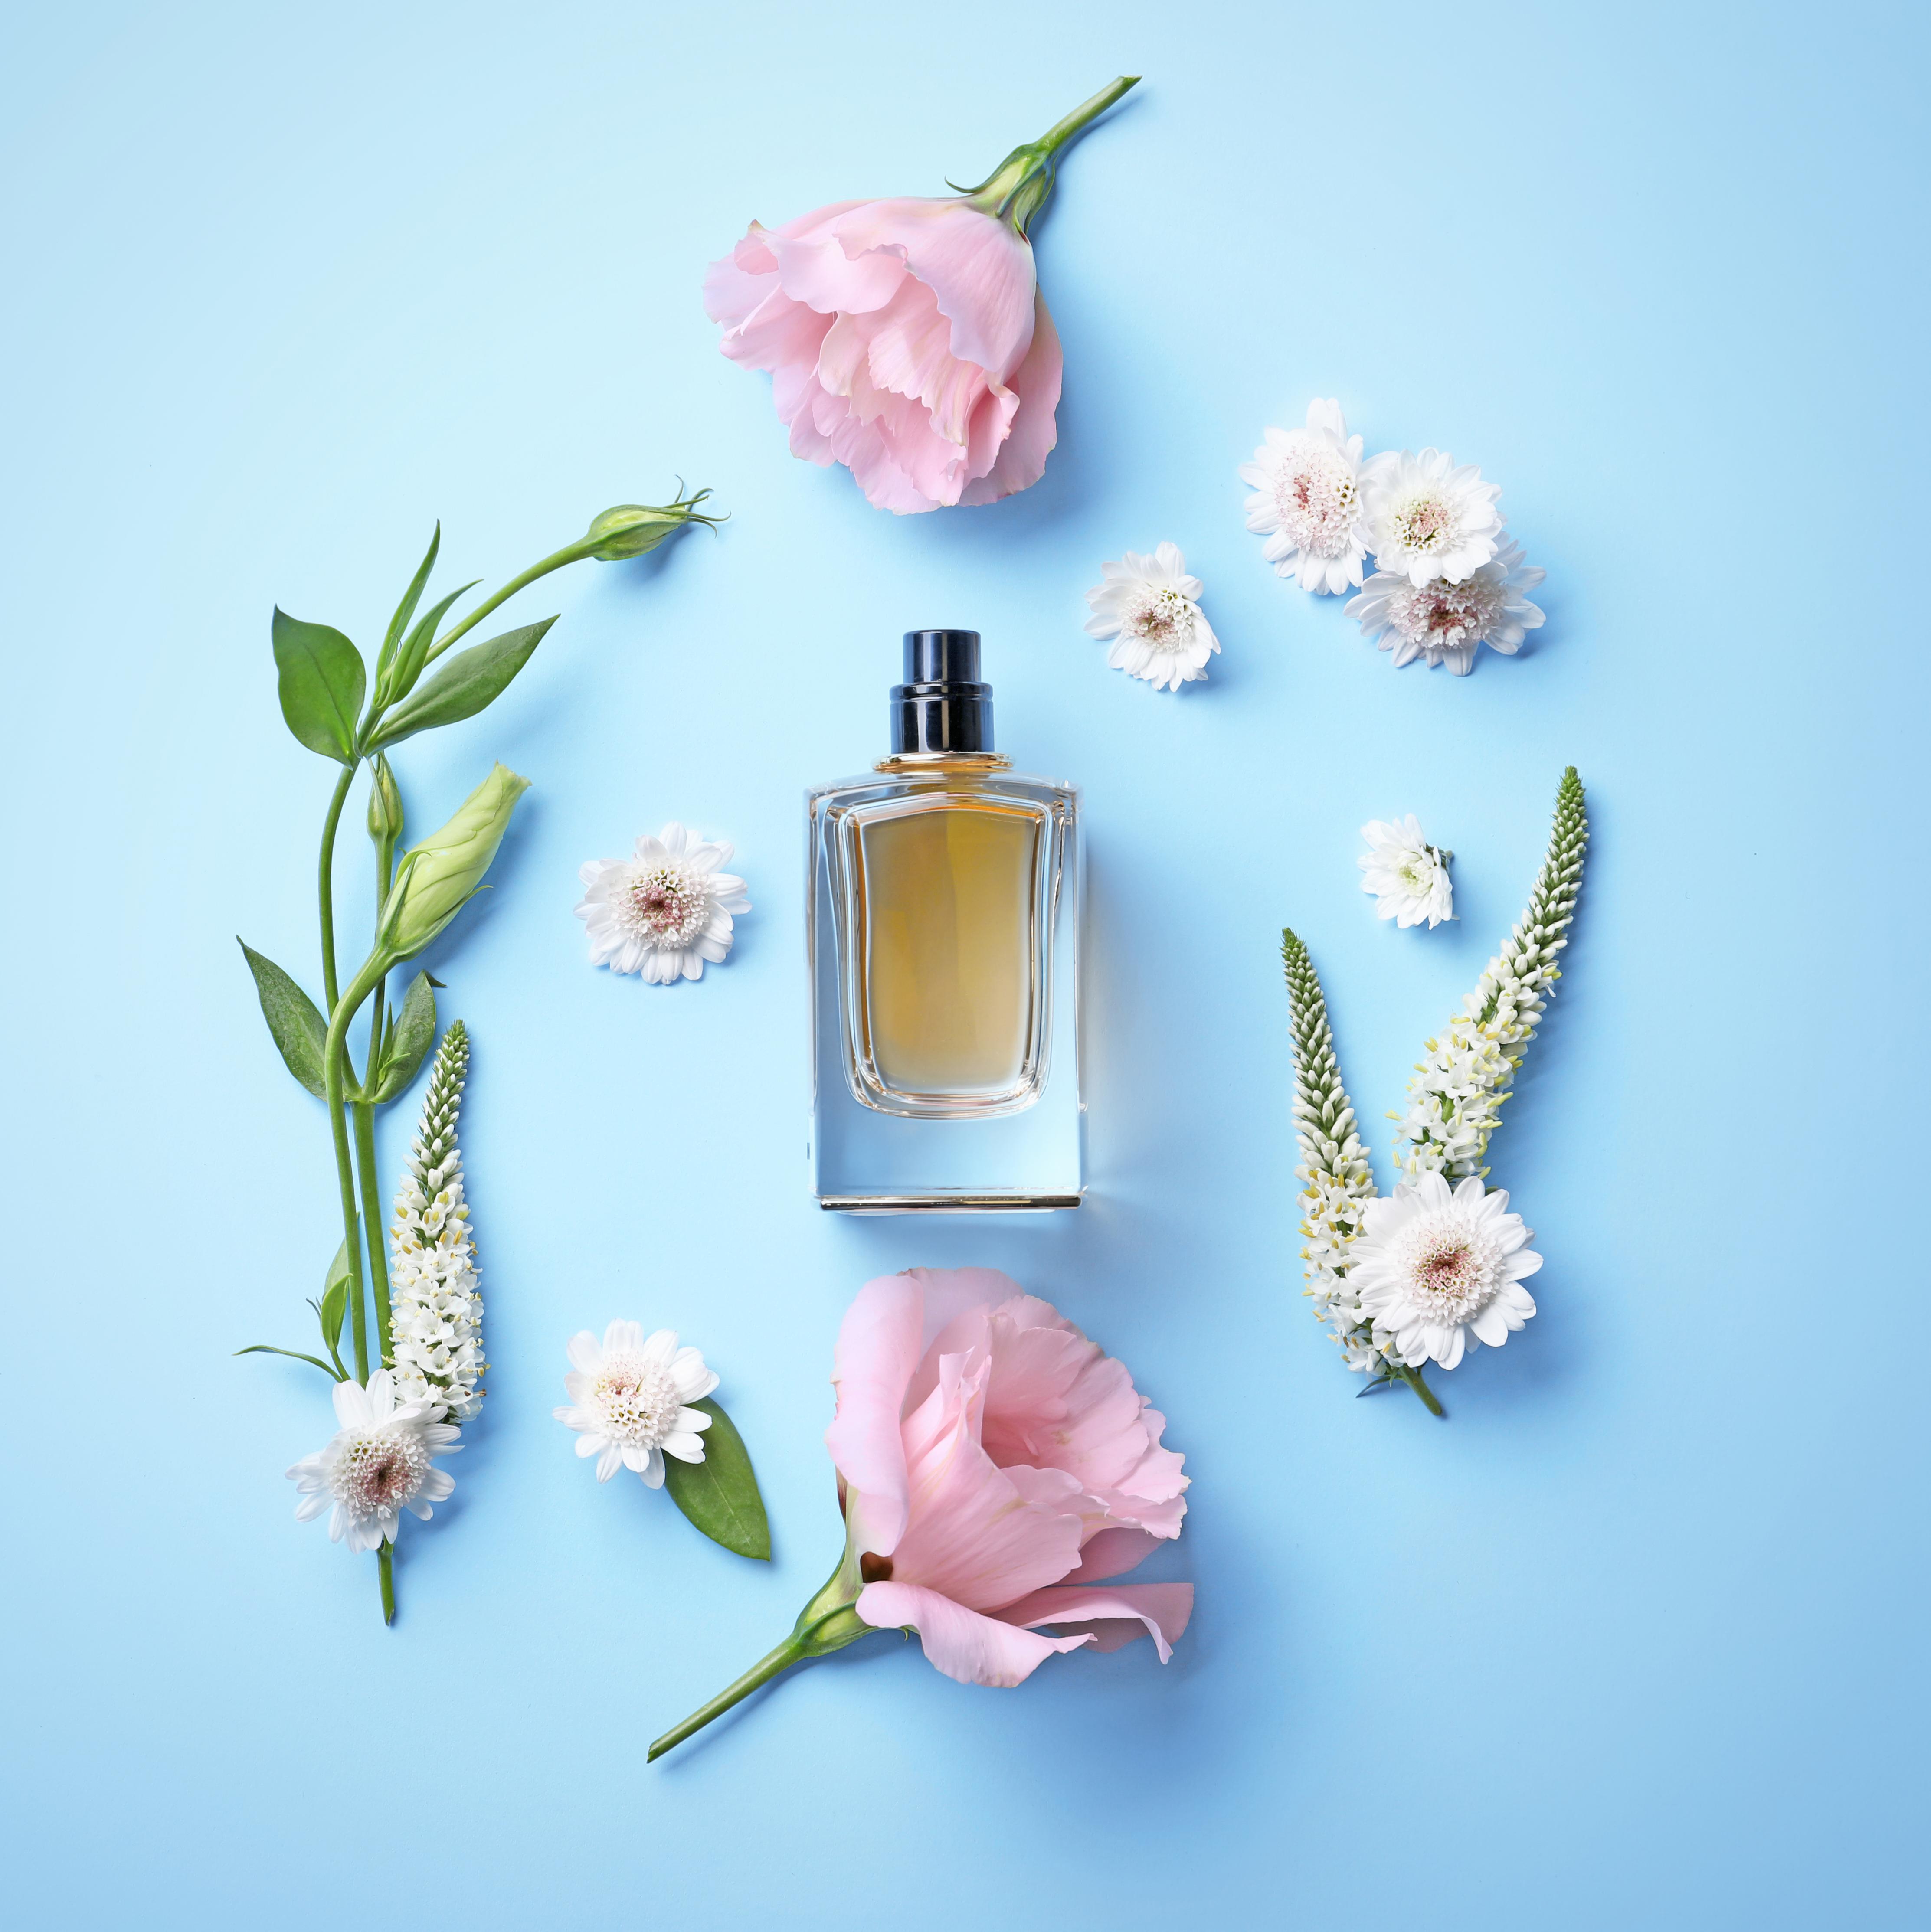 Natuurlijk parfum-Feeling Goods